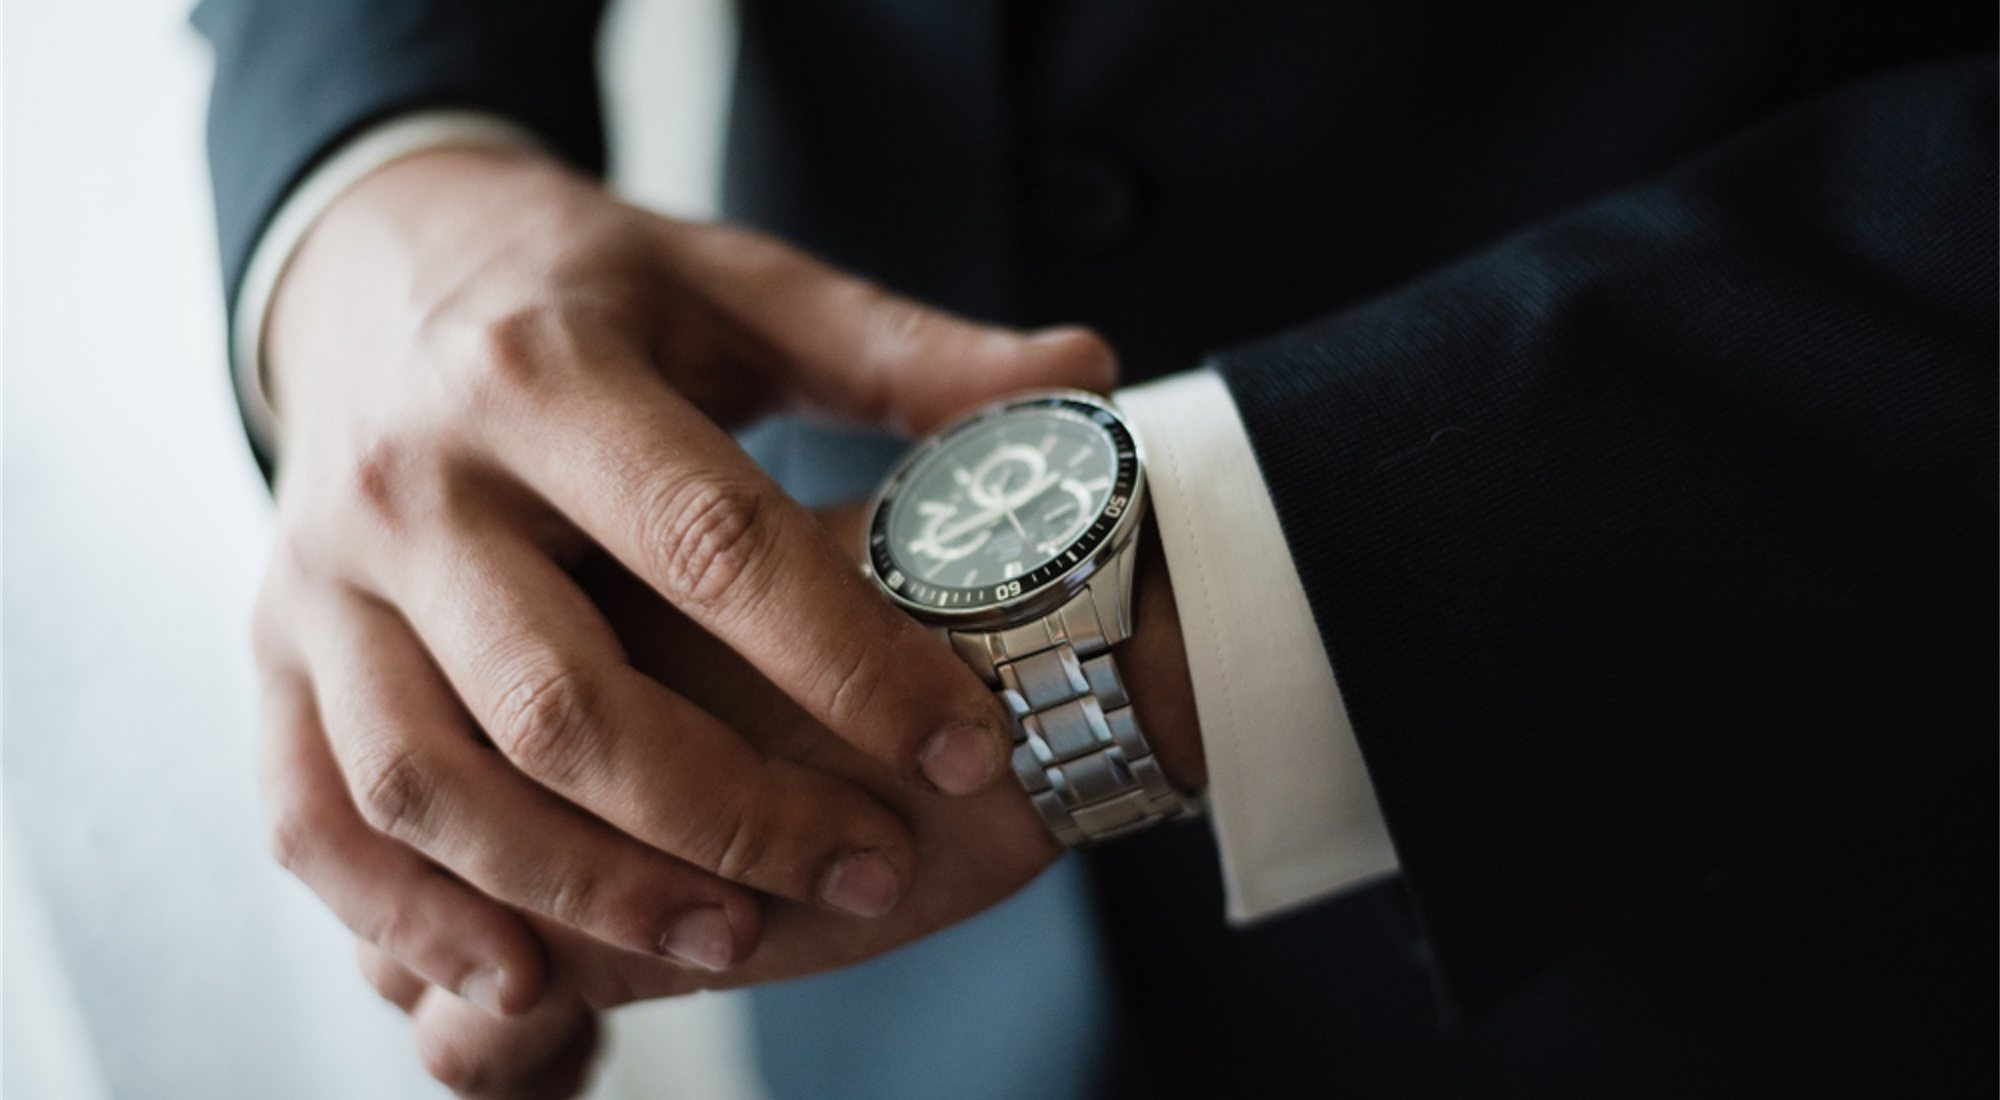 Relojes clásicos: qué usos pueden tener con el smartwatch